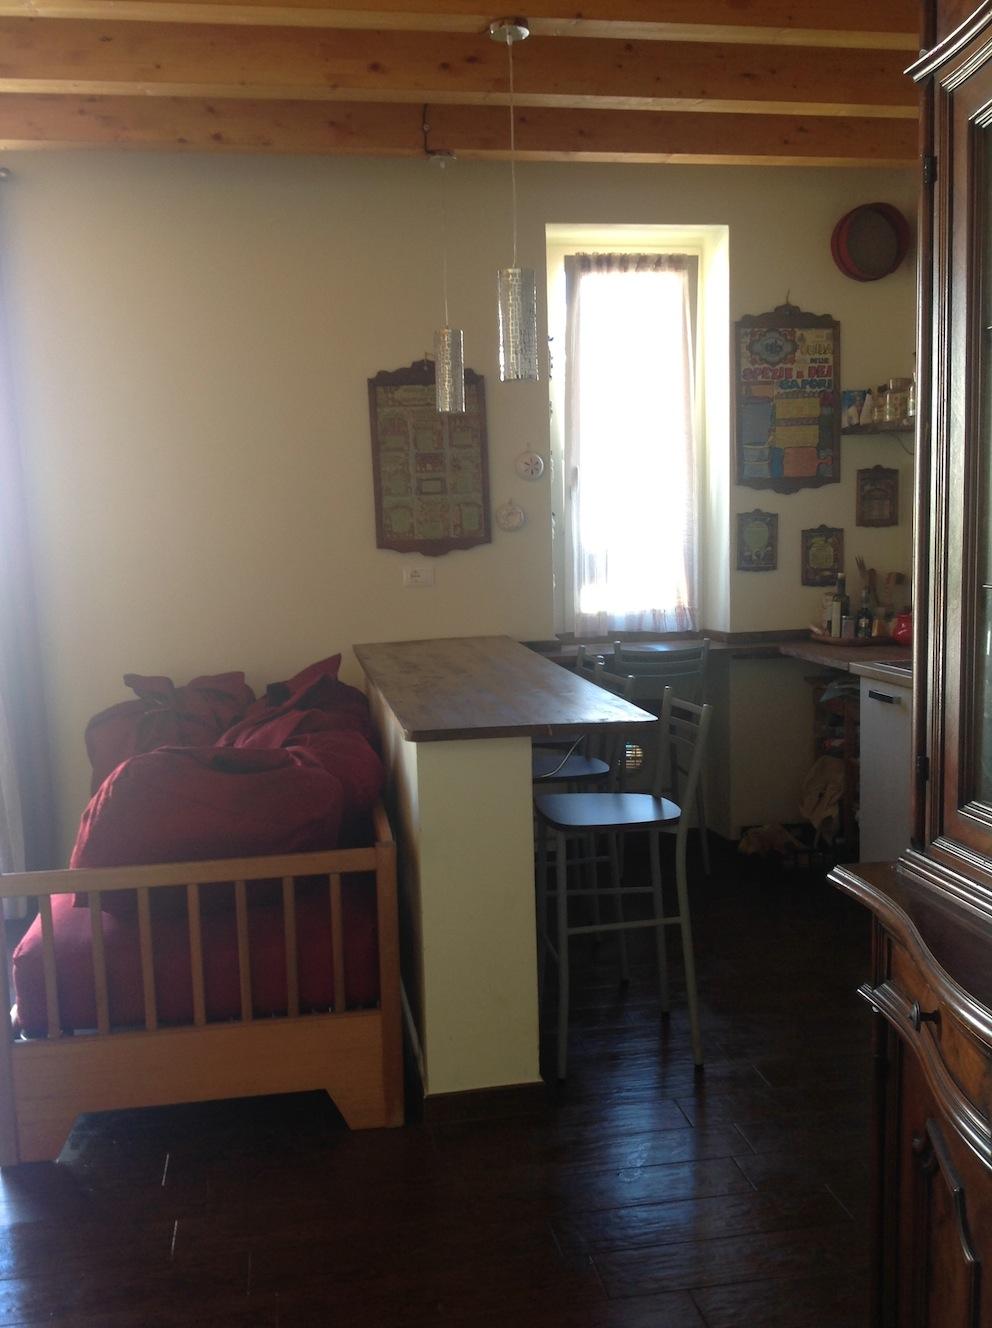 affitto appartamento mare viareggio 8443 (20140720160710-2014-46152-NDP.jpg)